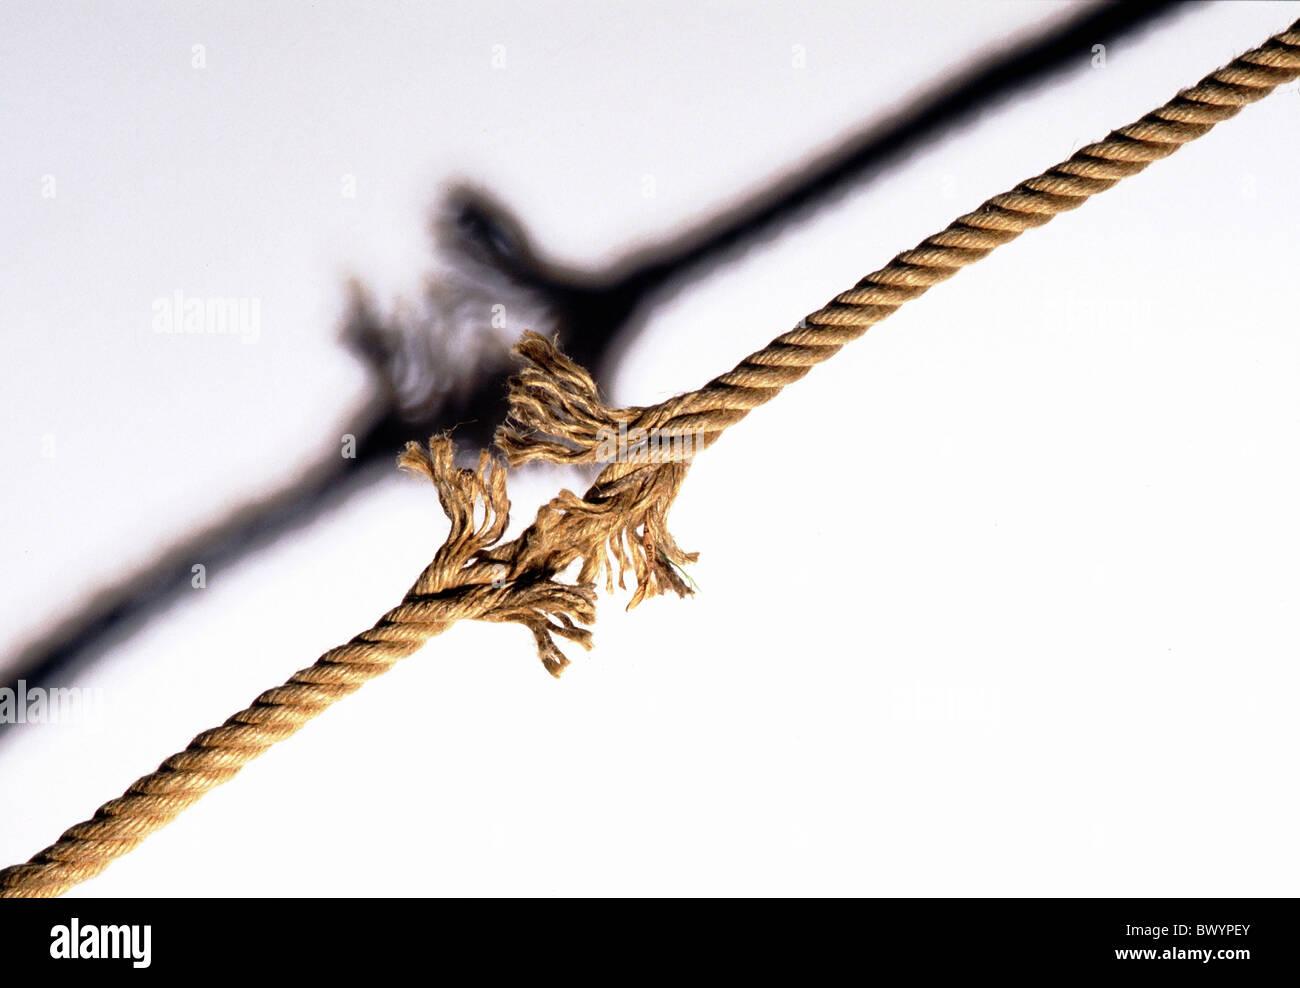 brechen Sie, Tau Seil Seil Bruch Symbol Träne reißen Stockfoto, Bild ...